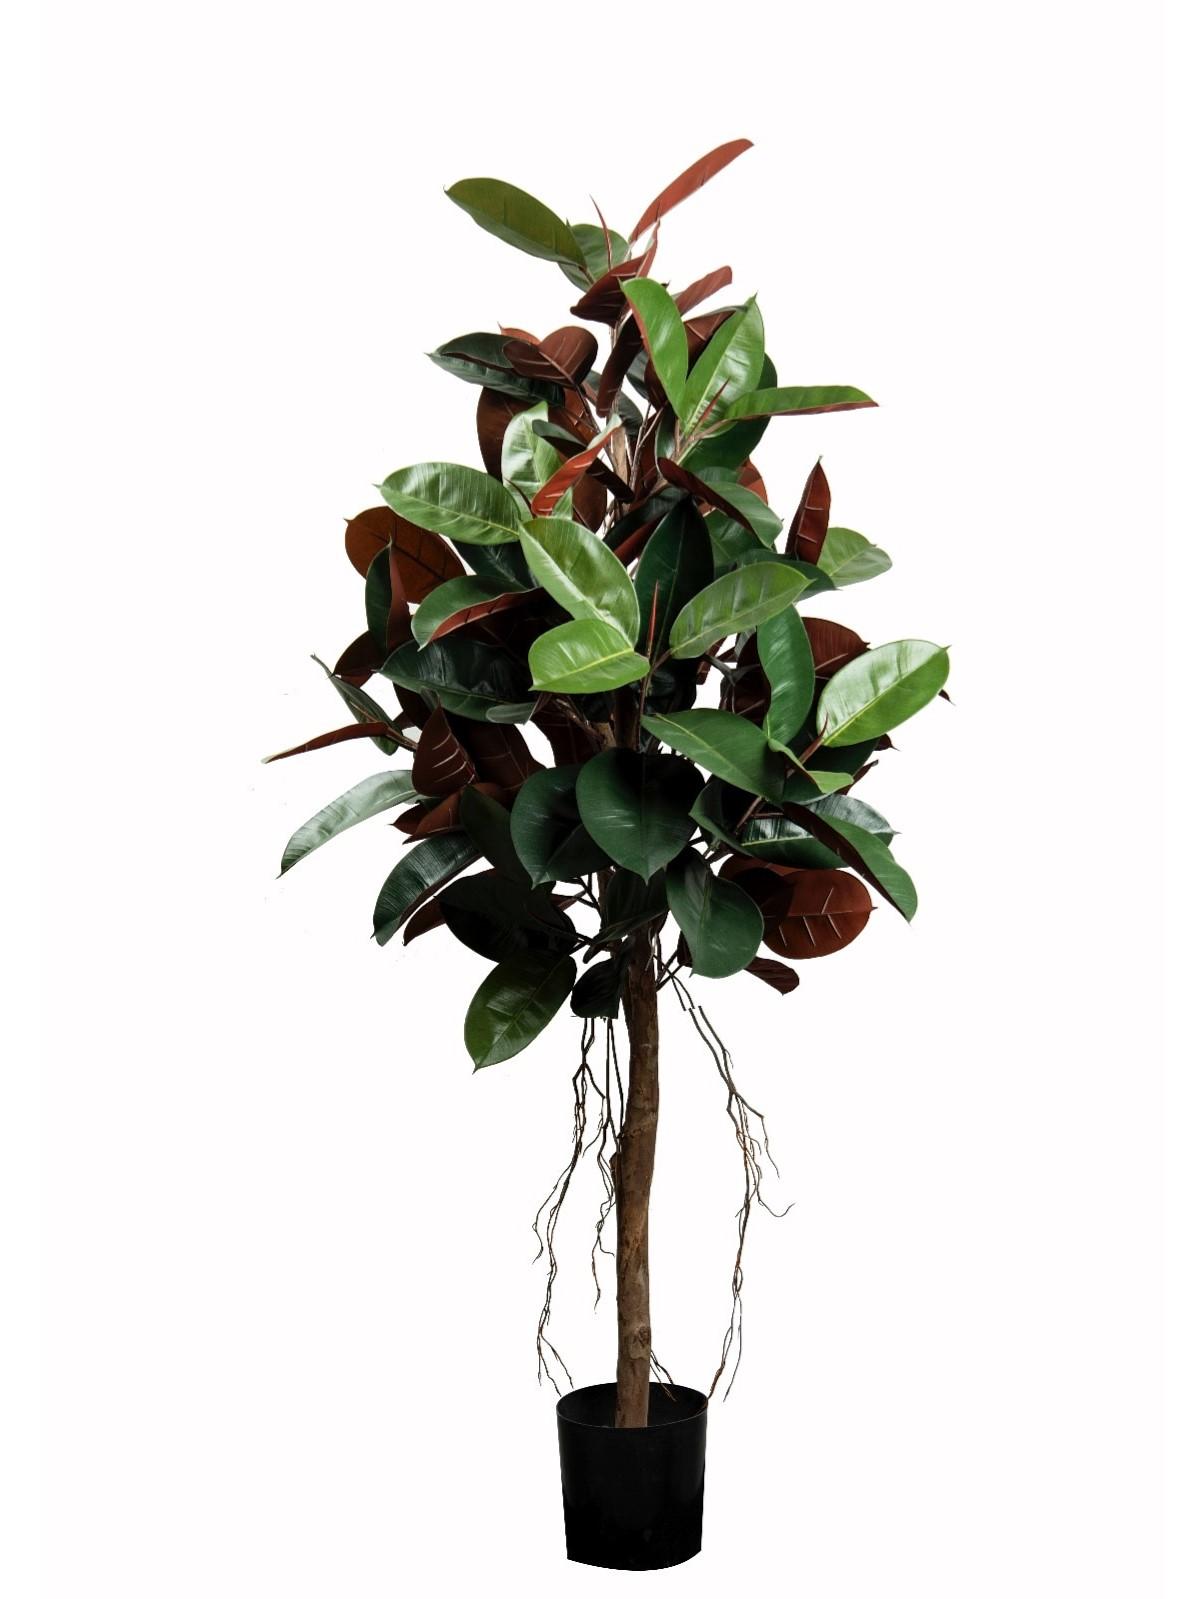 شجرة المطاط - كبير نباتات اصطناعية